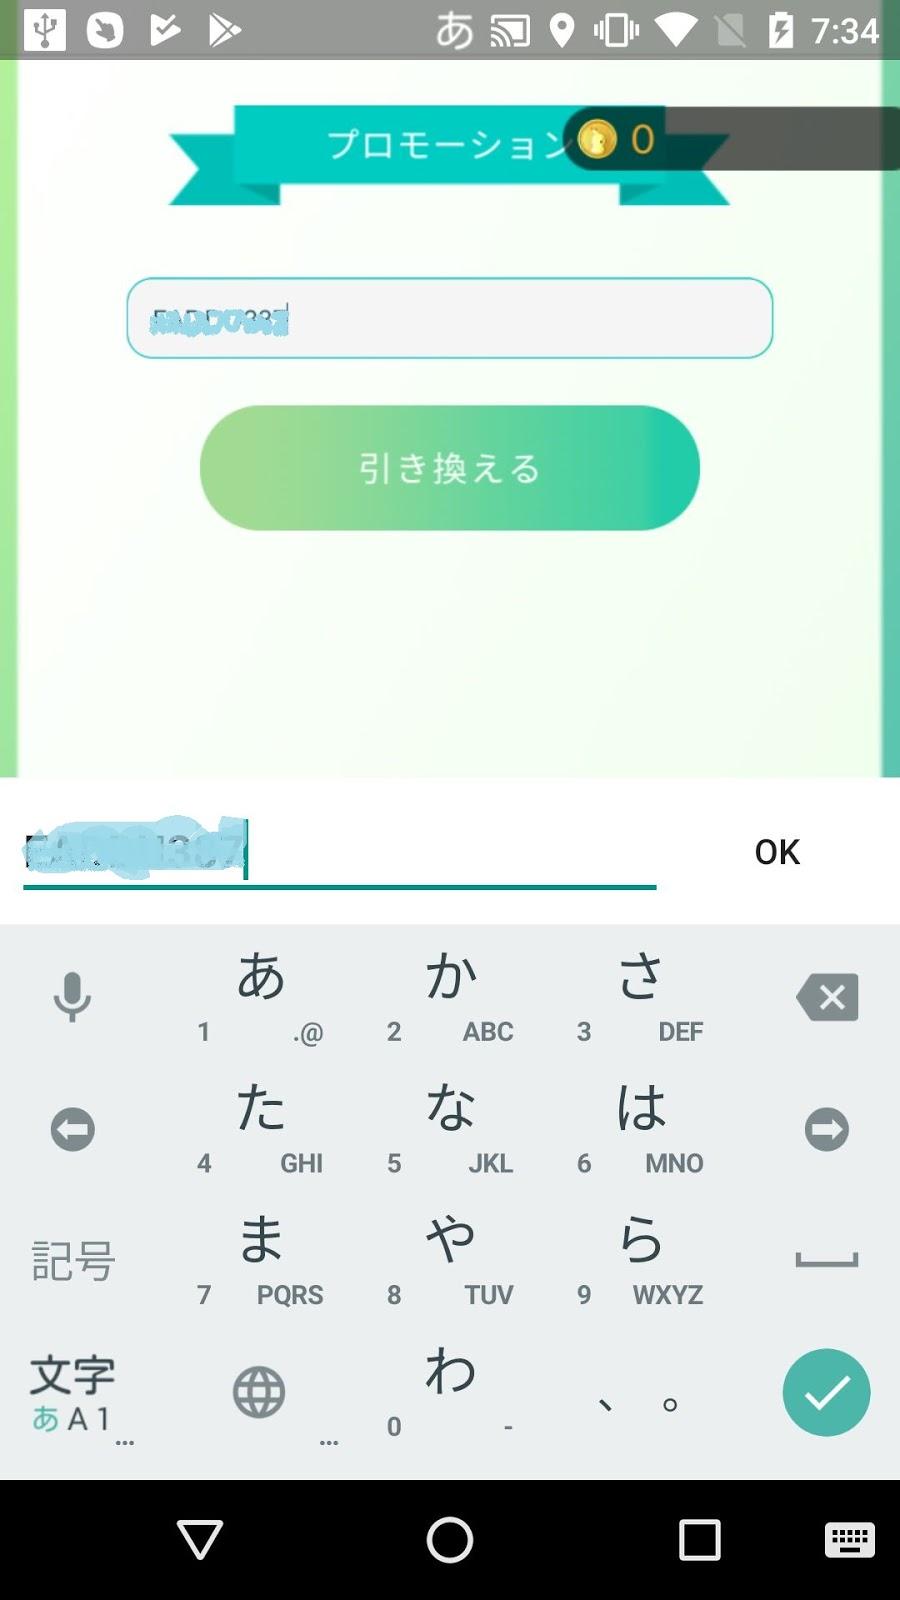 ゴー プロモーション ポケモン